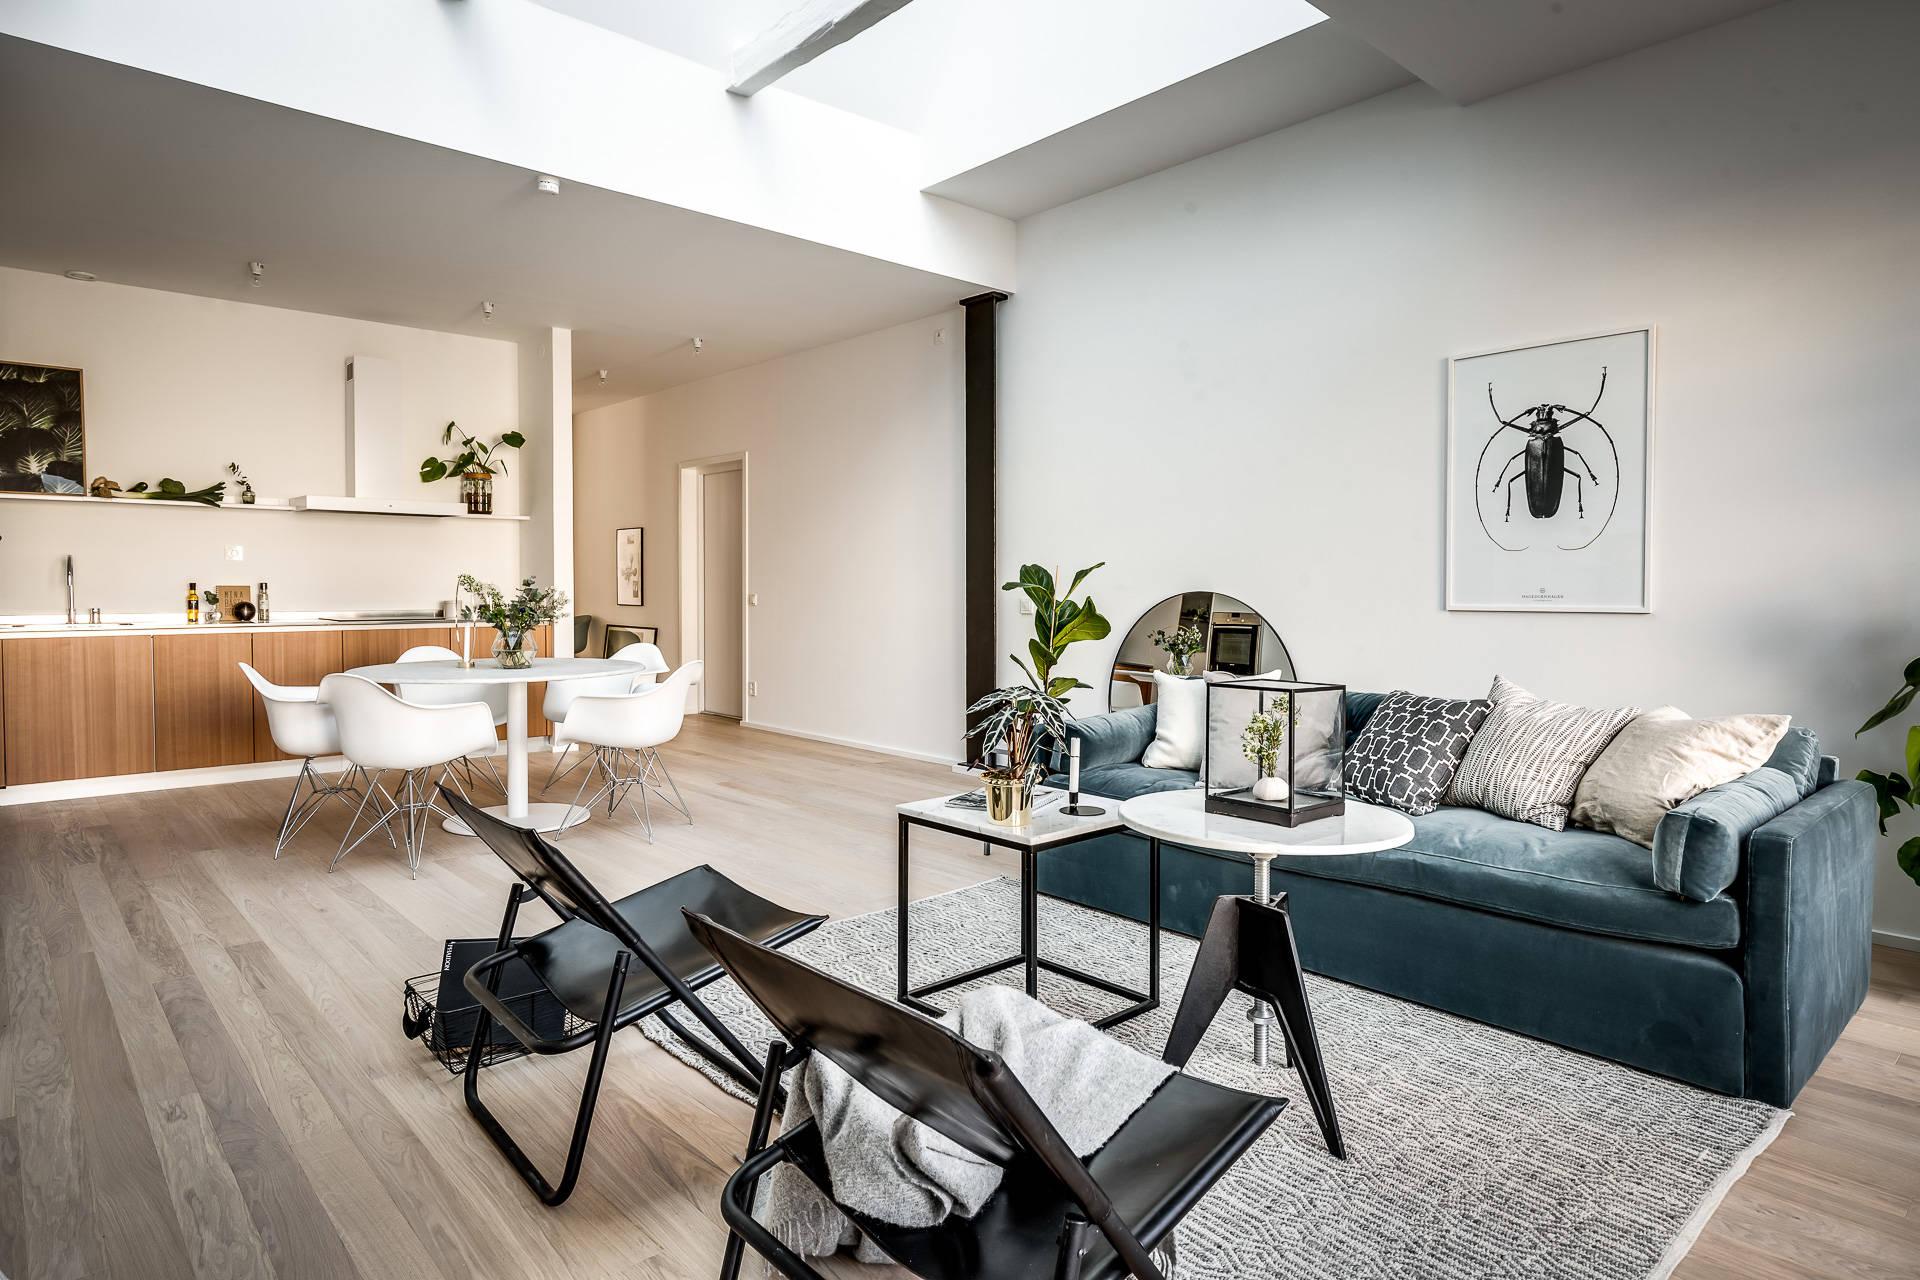 гостиная диван кресла половая доска стол стулья eames кухня